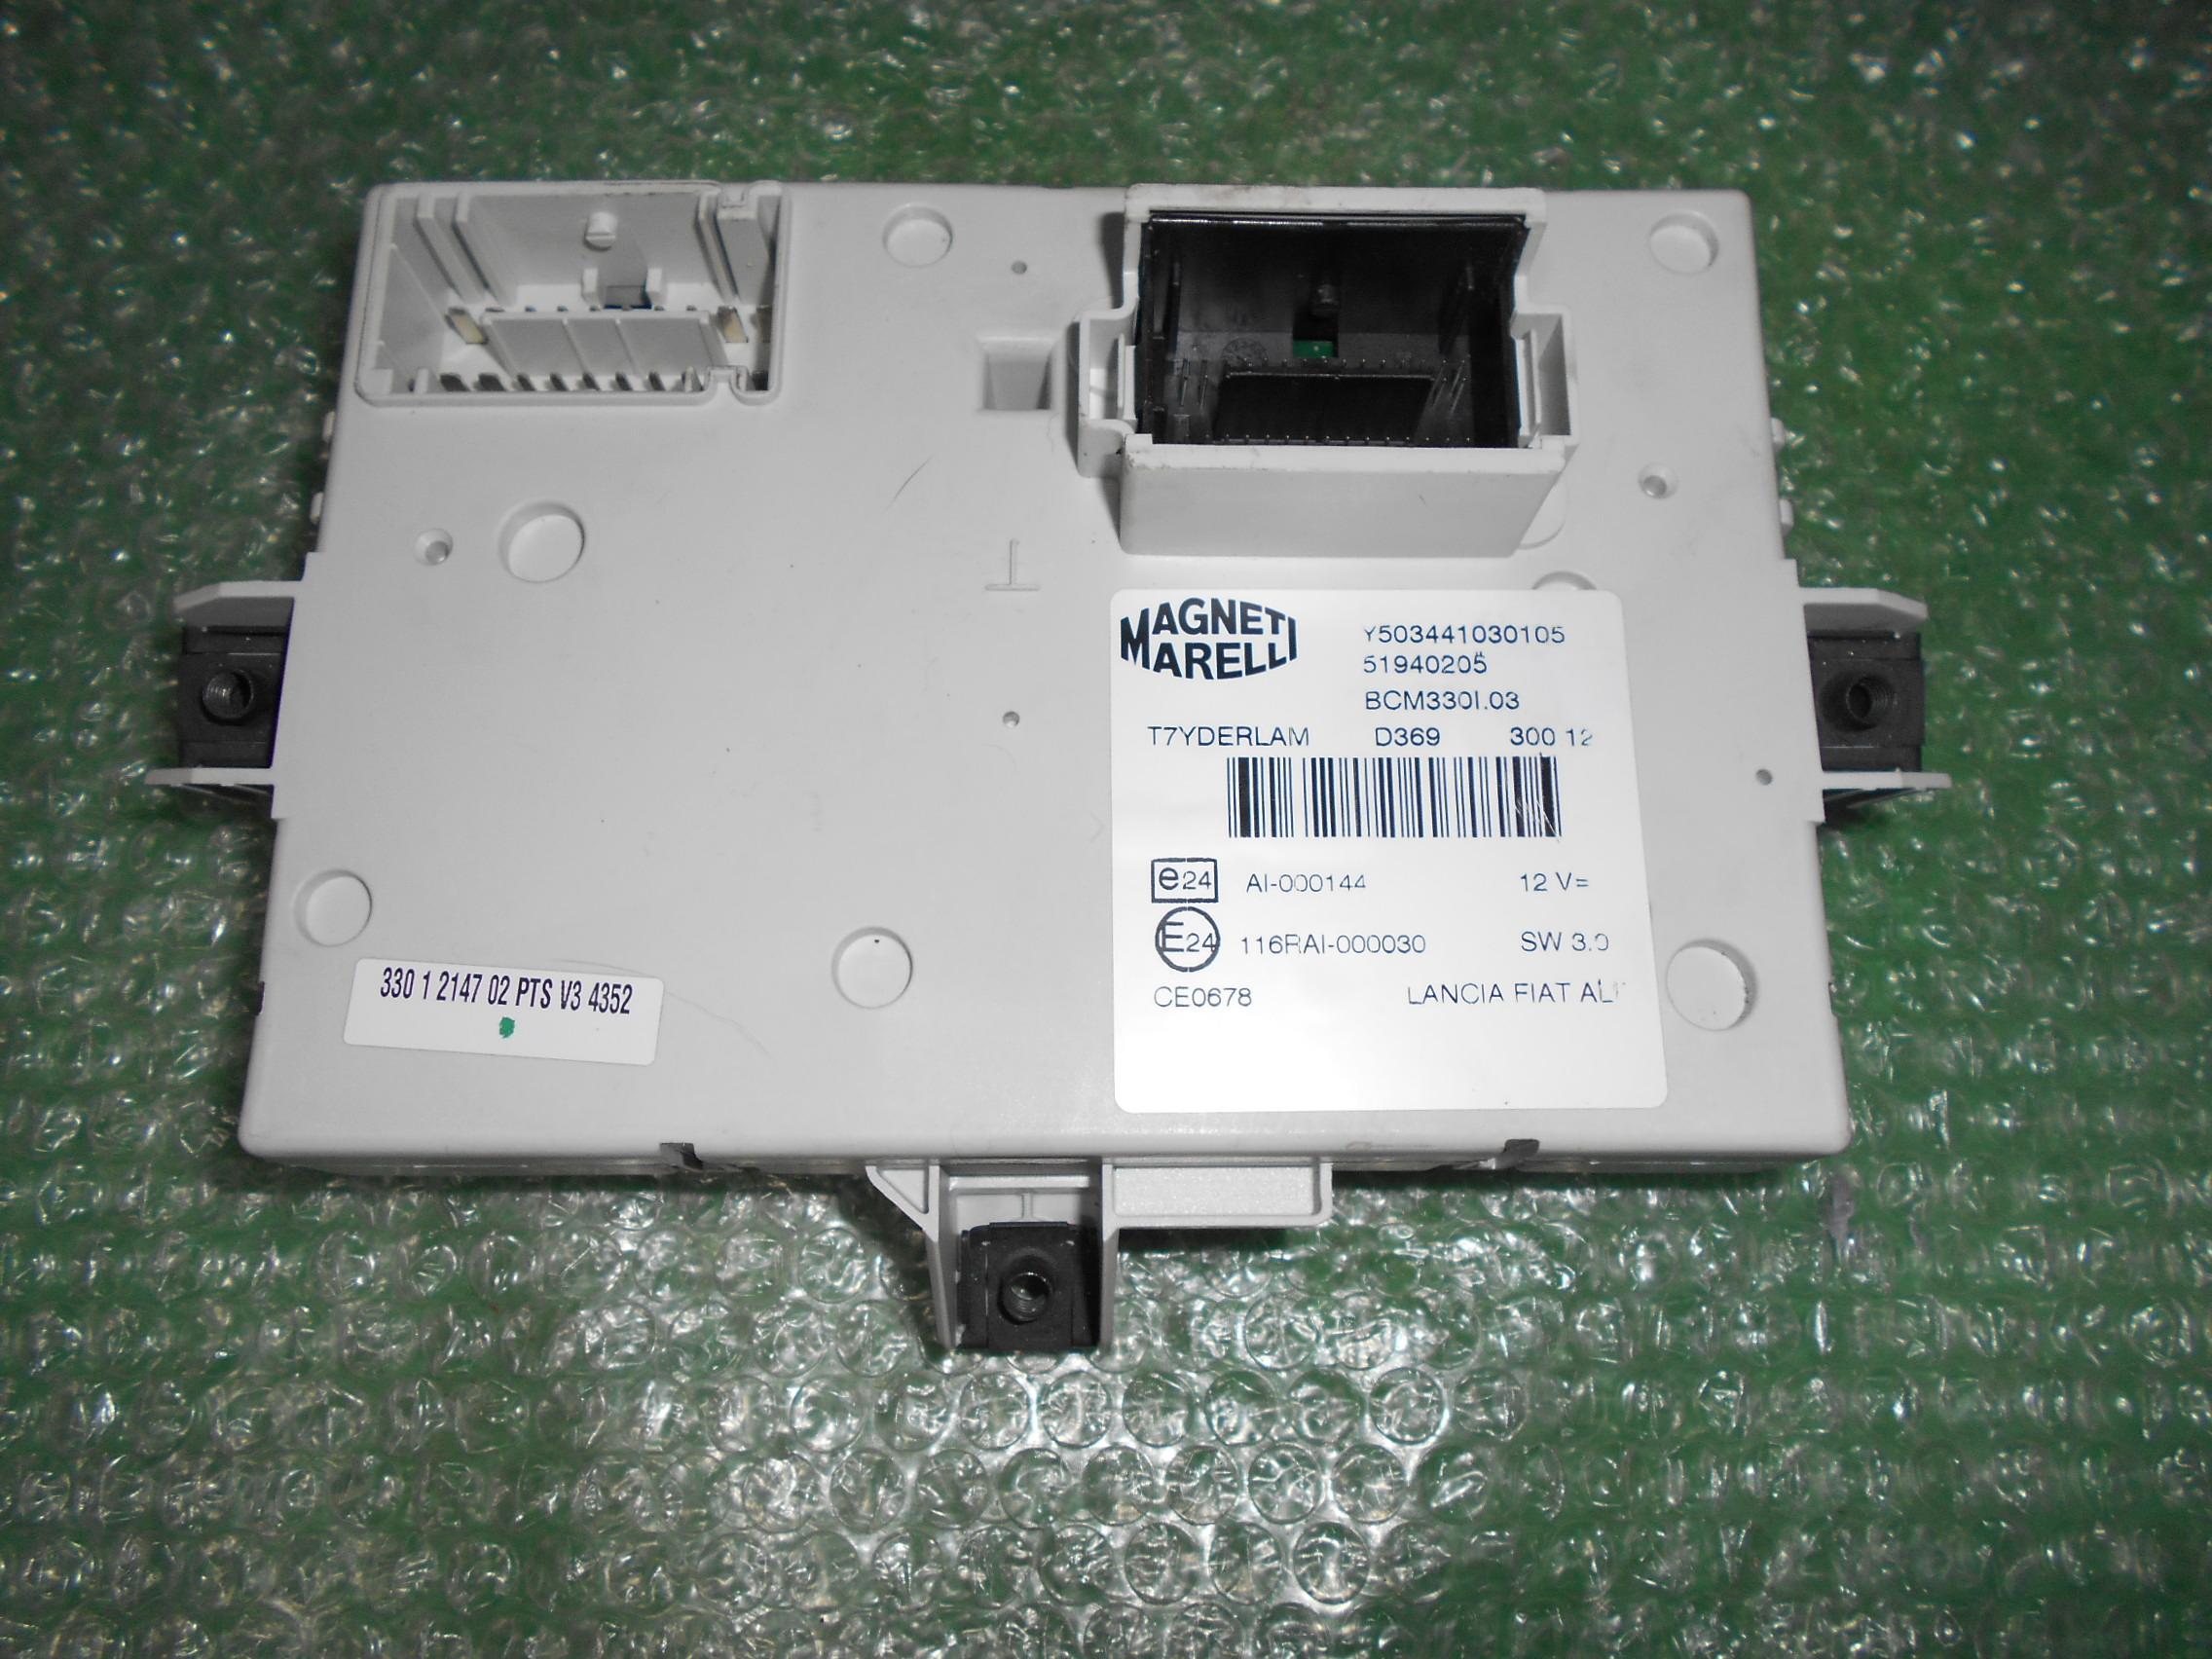 MODULO BODY COMPUTER 51940205 – MAGNETI MARELLI Y503441030105 FIAT 500L (2012-2018)